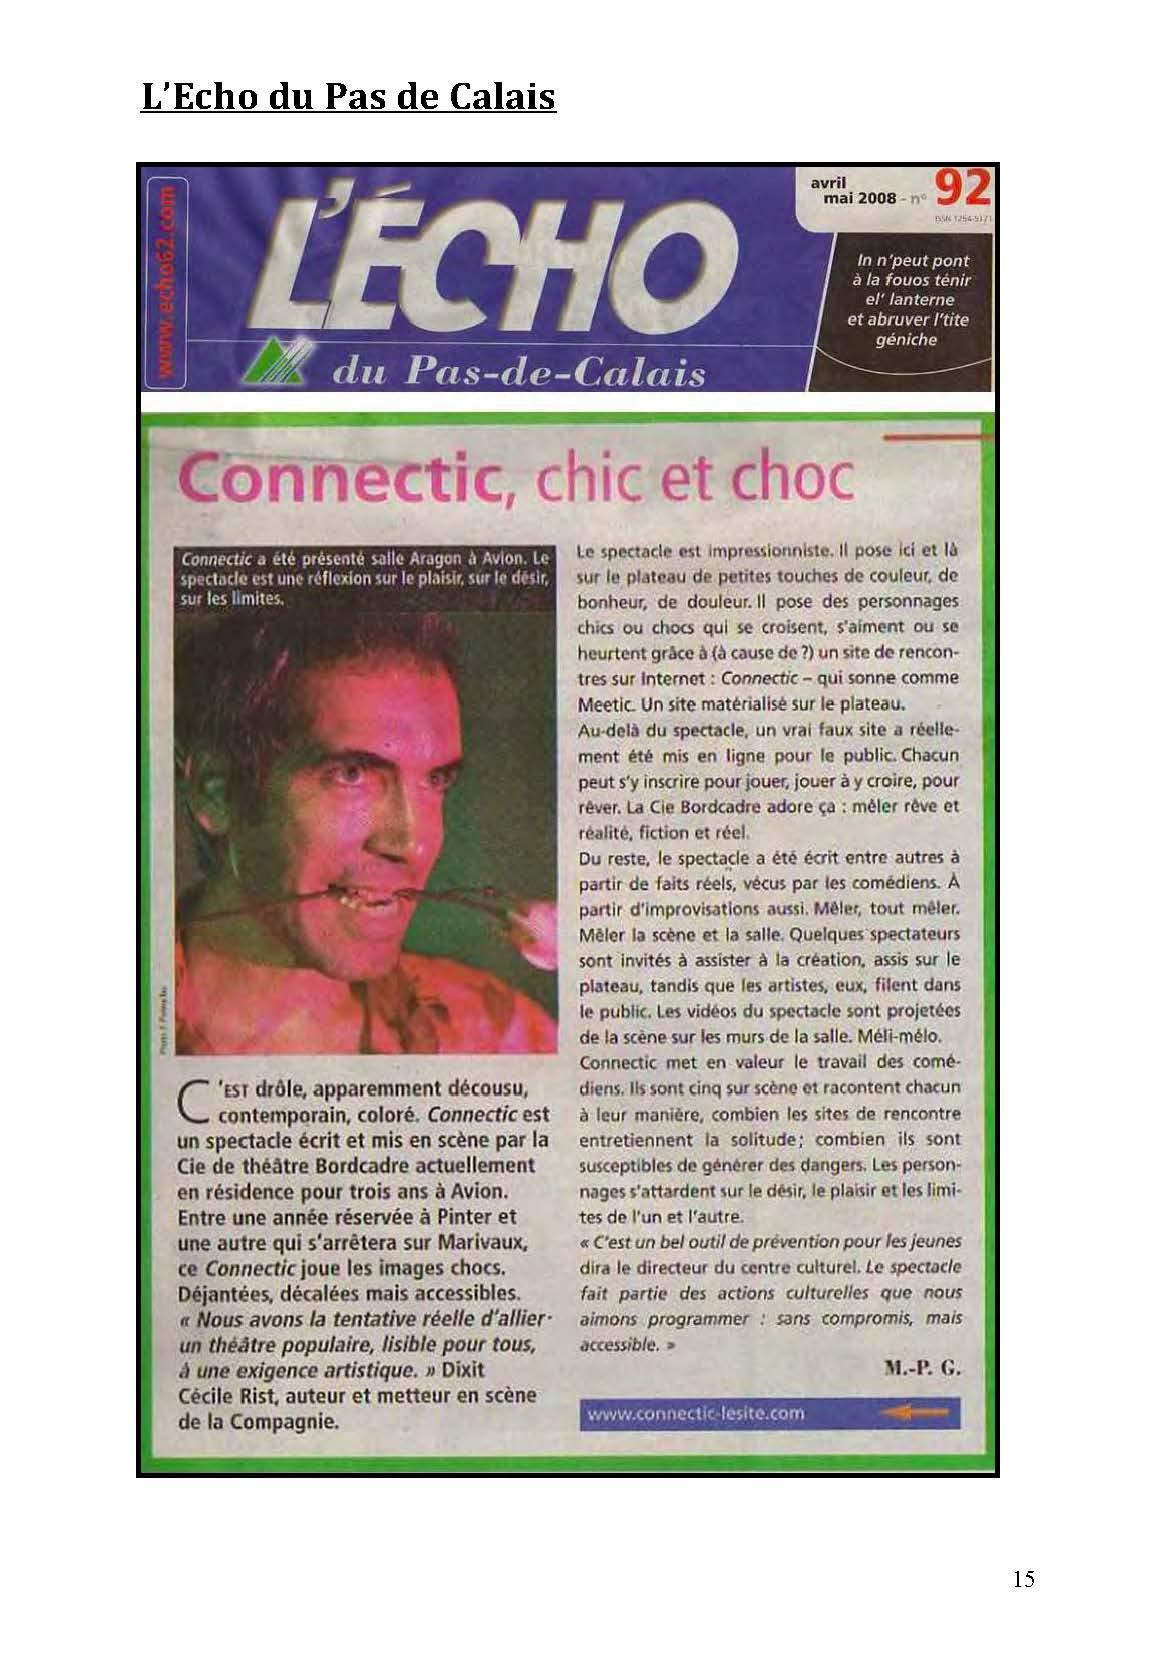 LA NUIT JUSTE AVANT LES FORÊTS - Revue de presse de BordCadre & Cécile Rist_Page_11